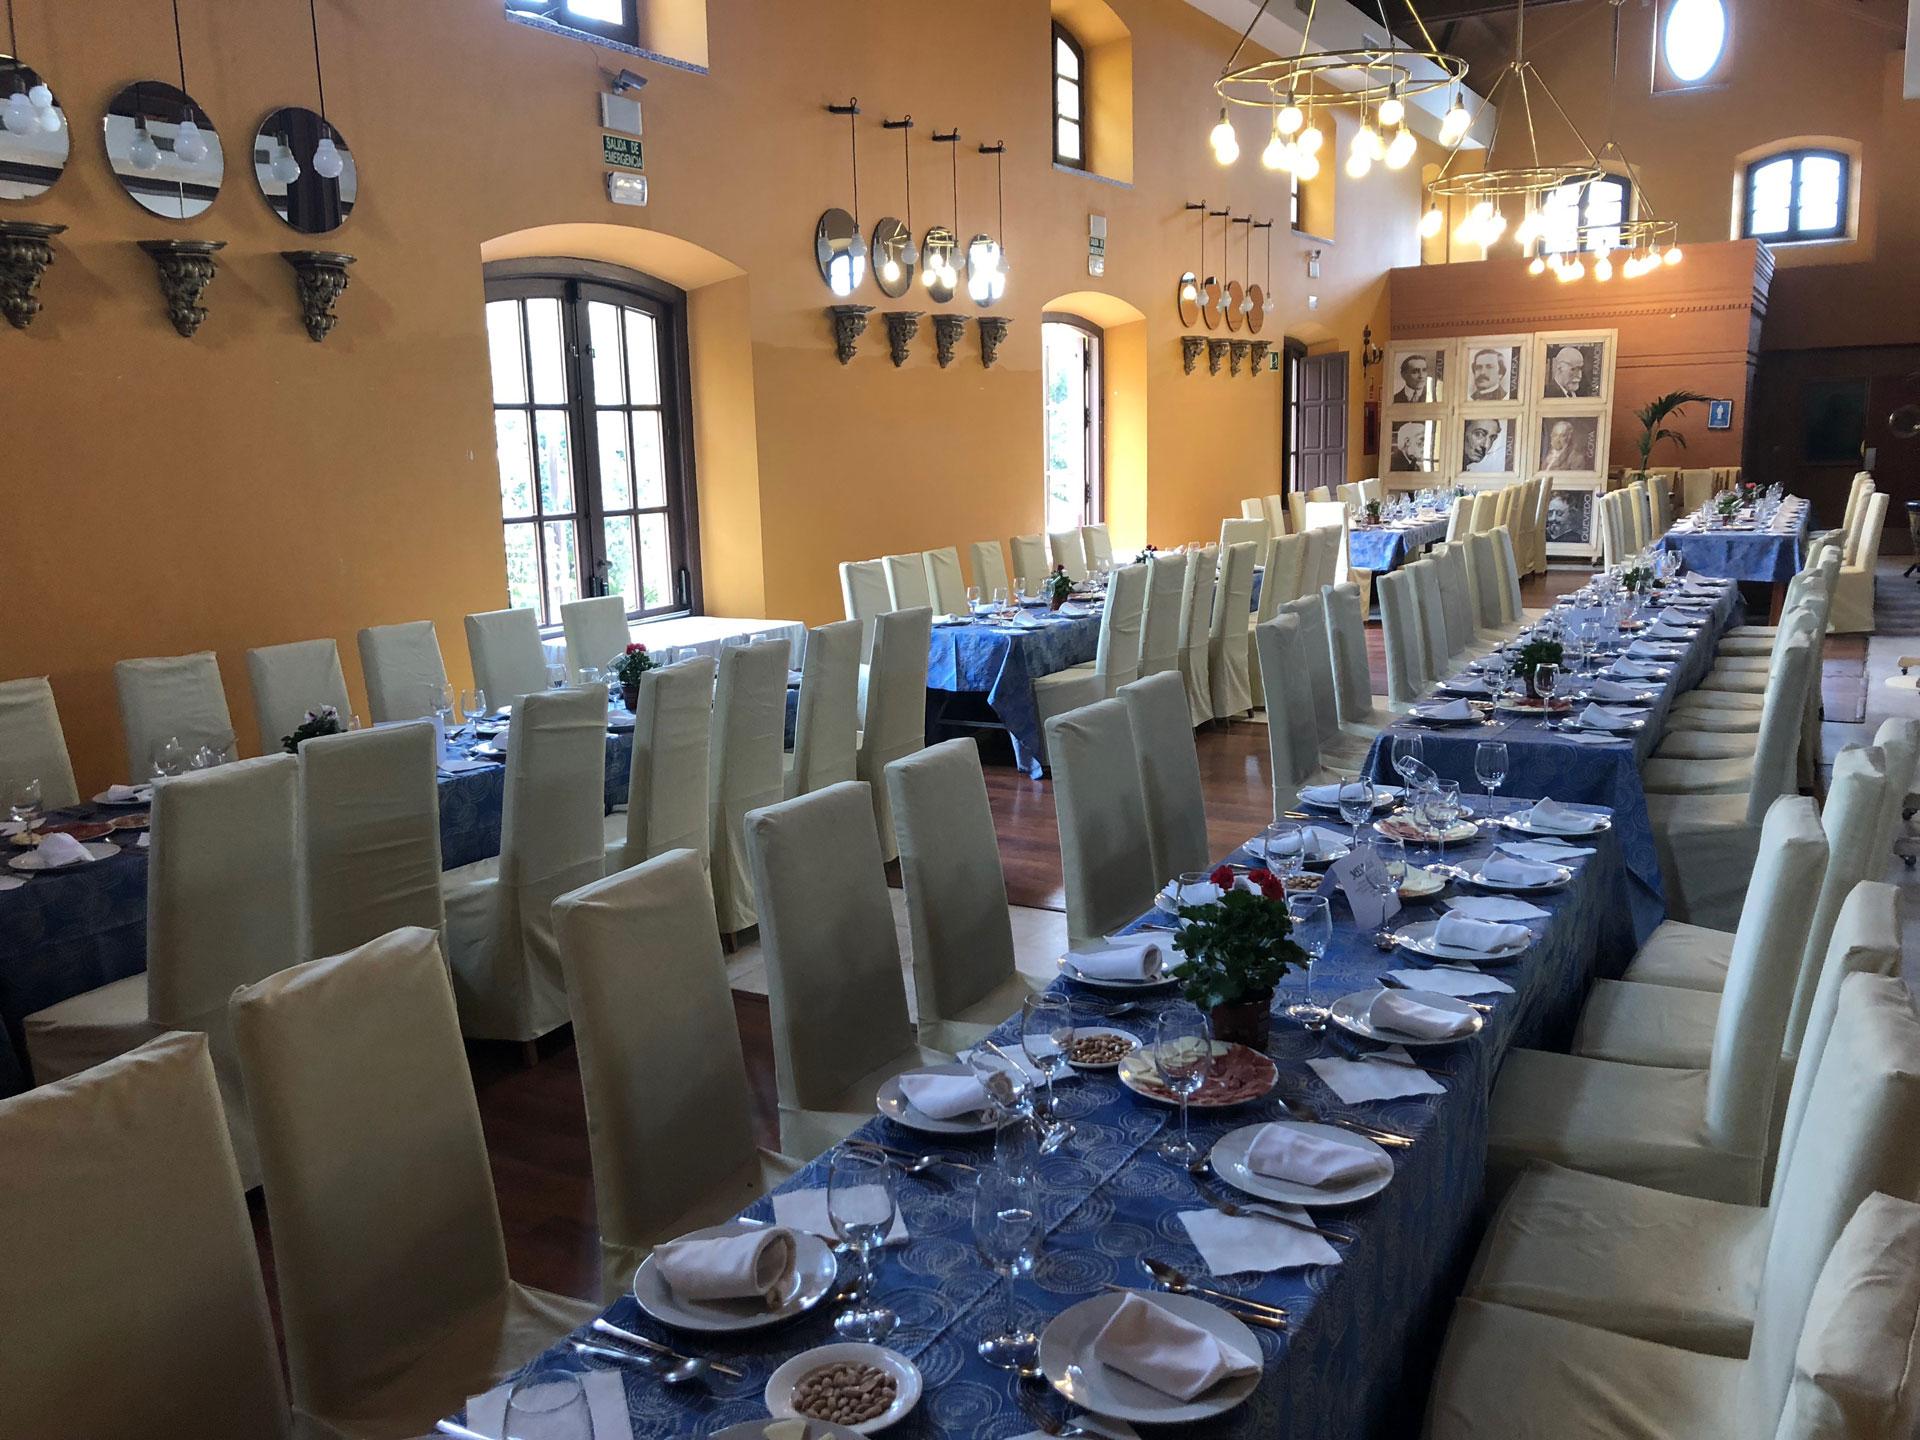 Galería de Imágenes Salas y Salón de Eventos